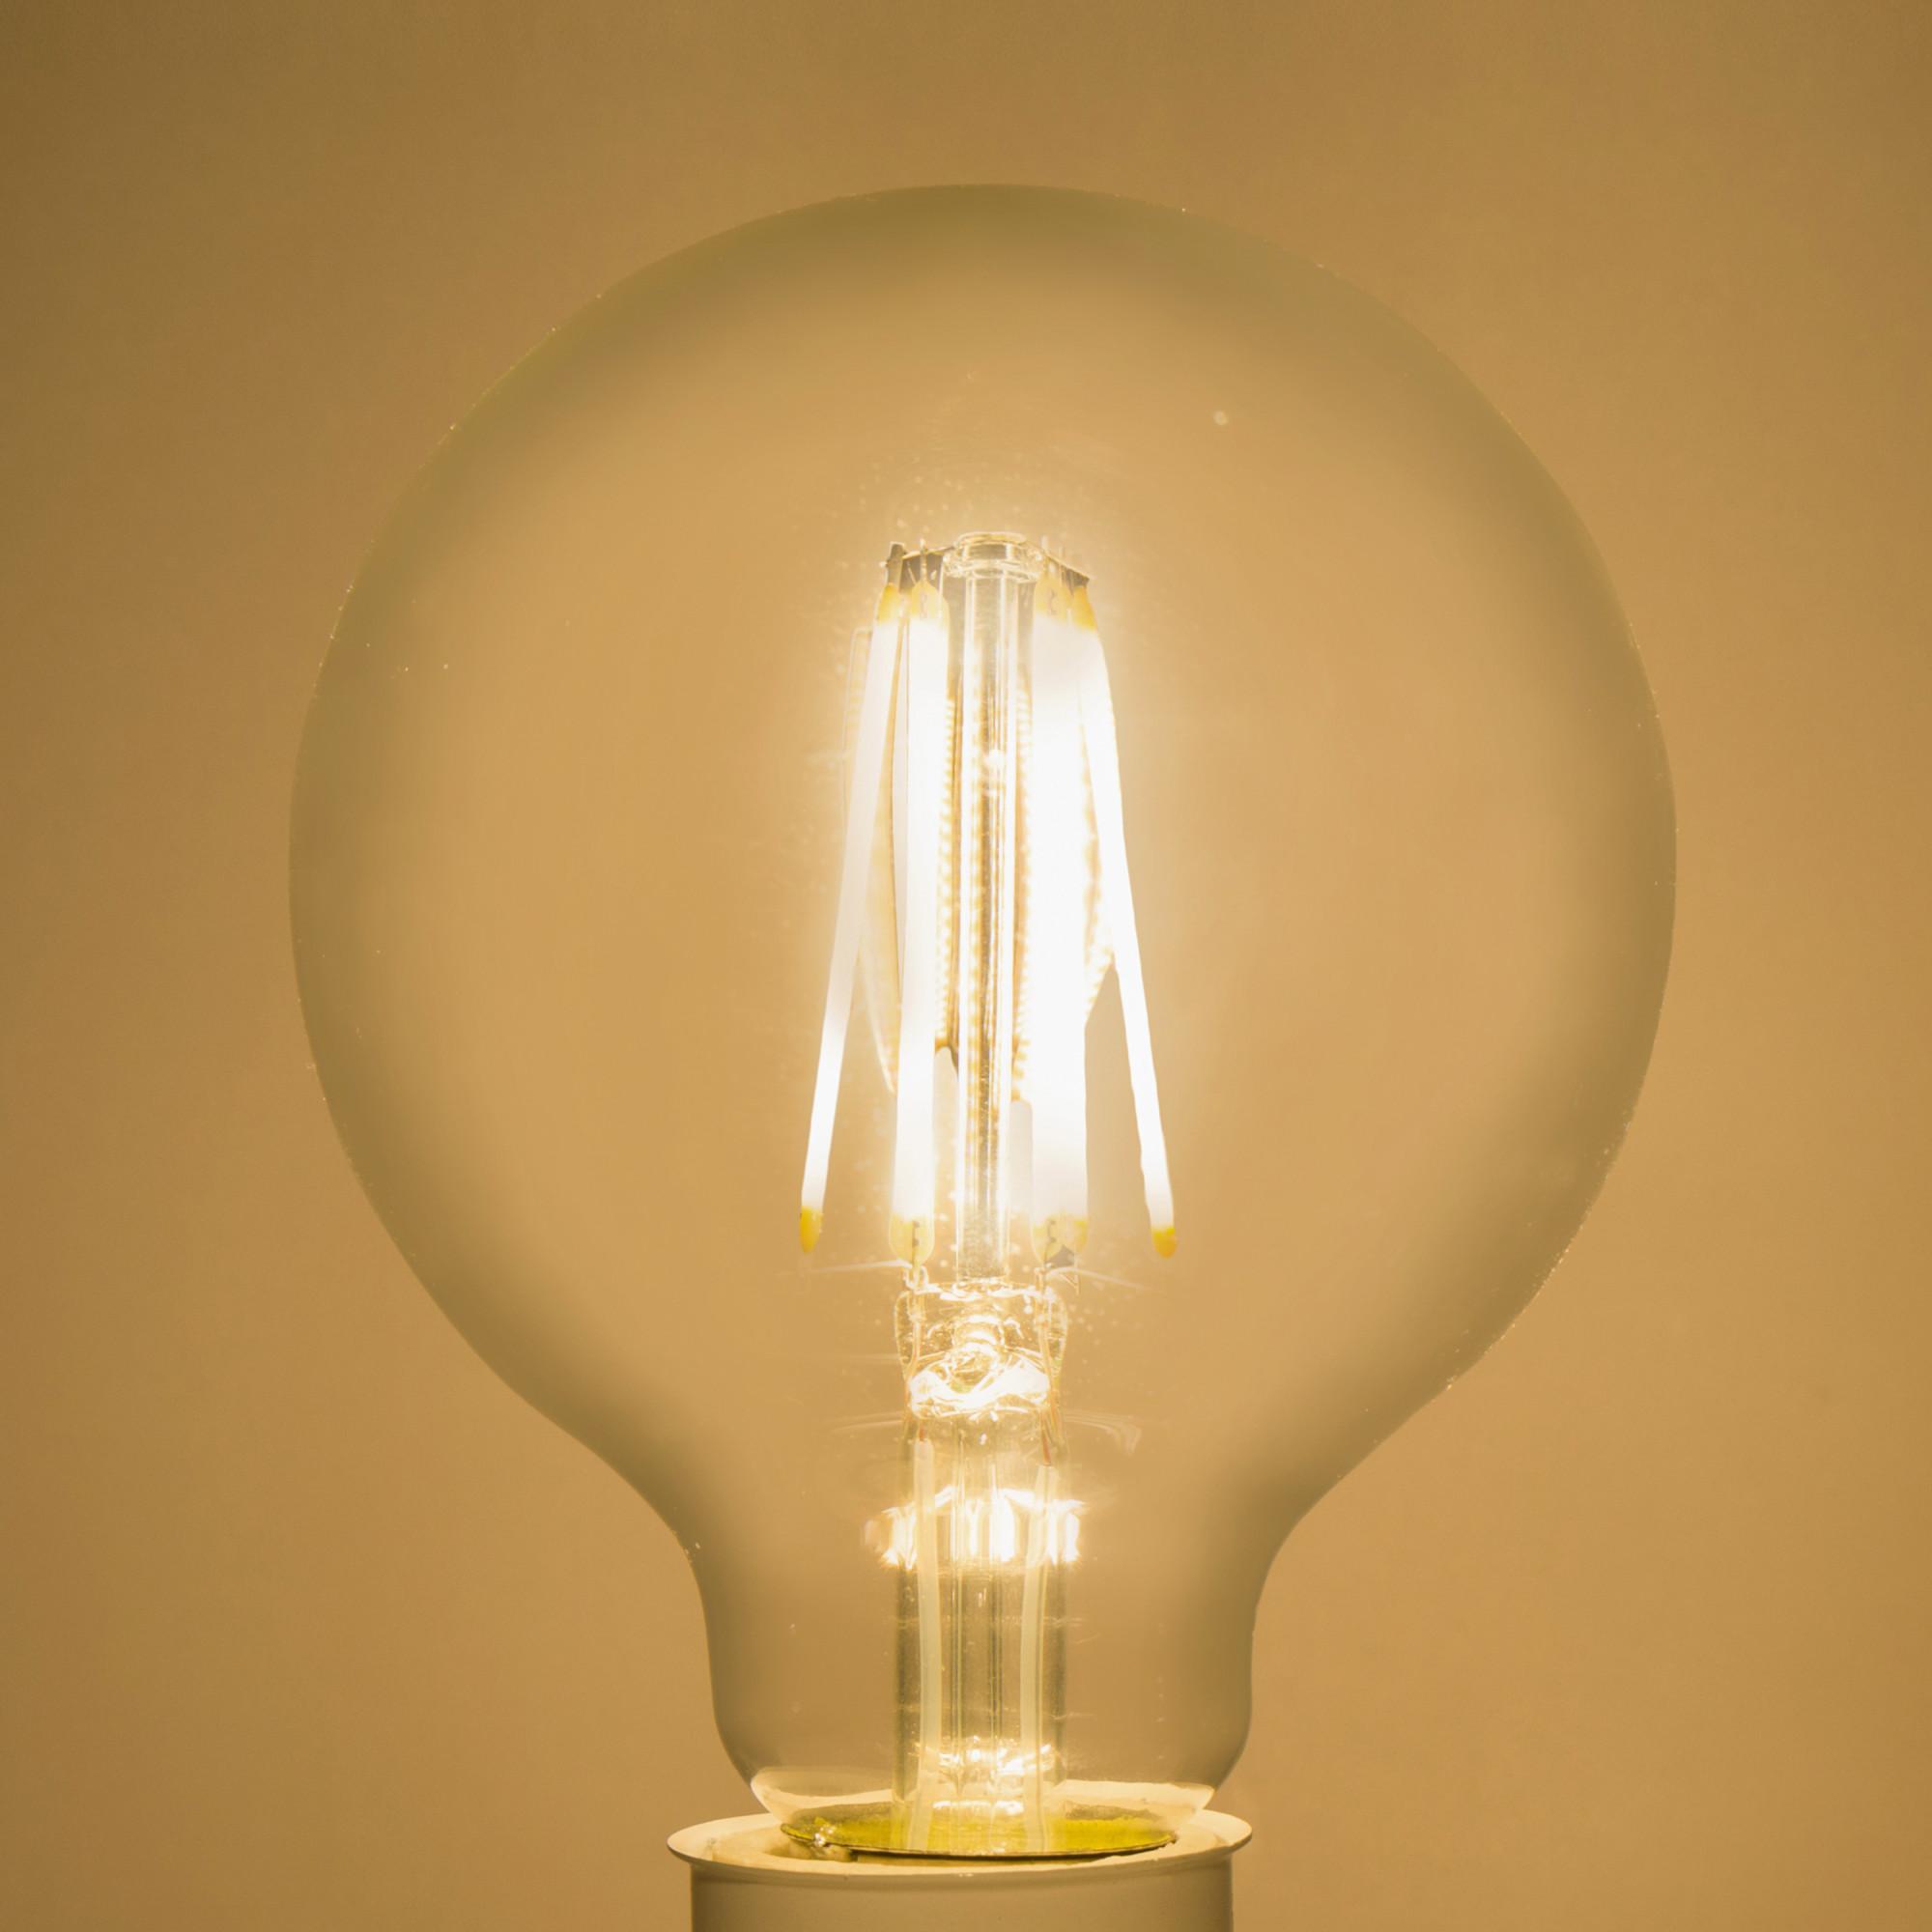 Лампа светодиодная филаментная Lexman E27 220 В 8.5 Вт шар прозрачный 1055 лм тёплый белый свет